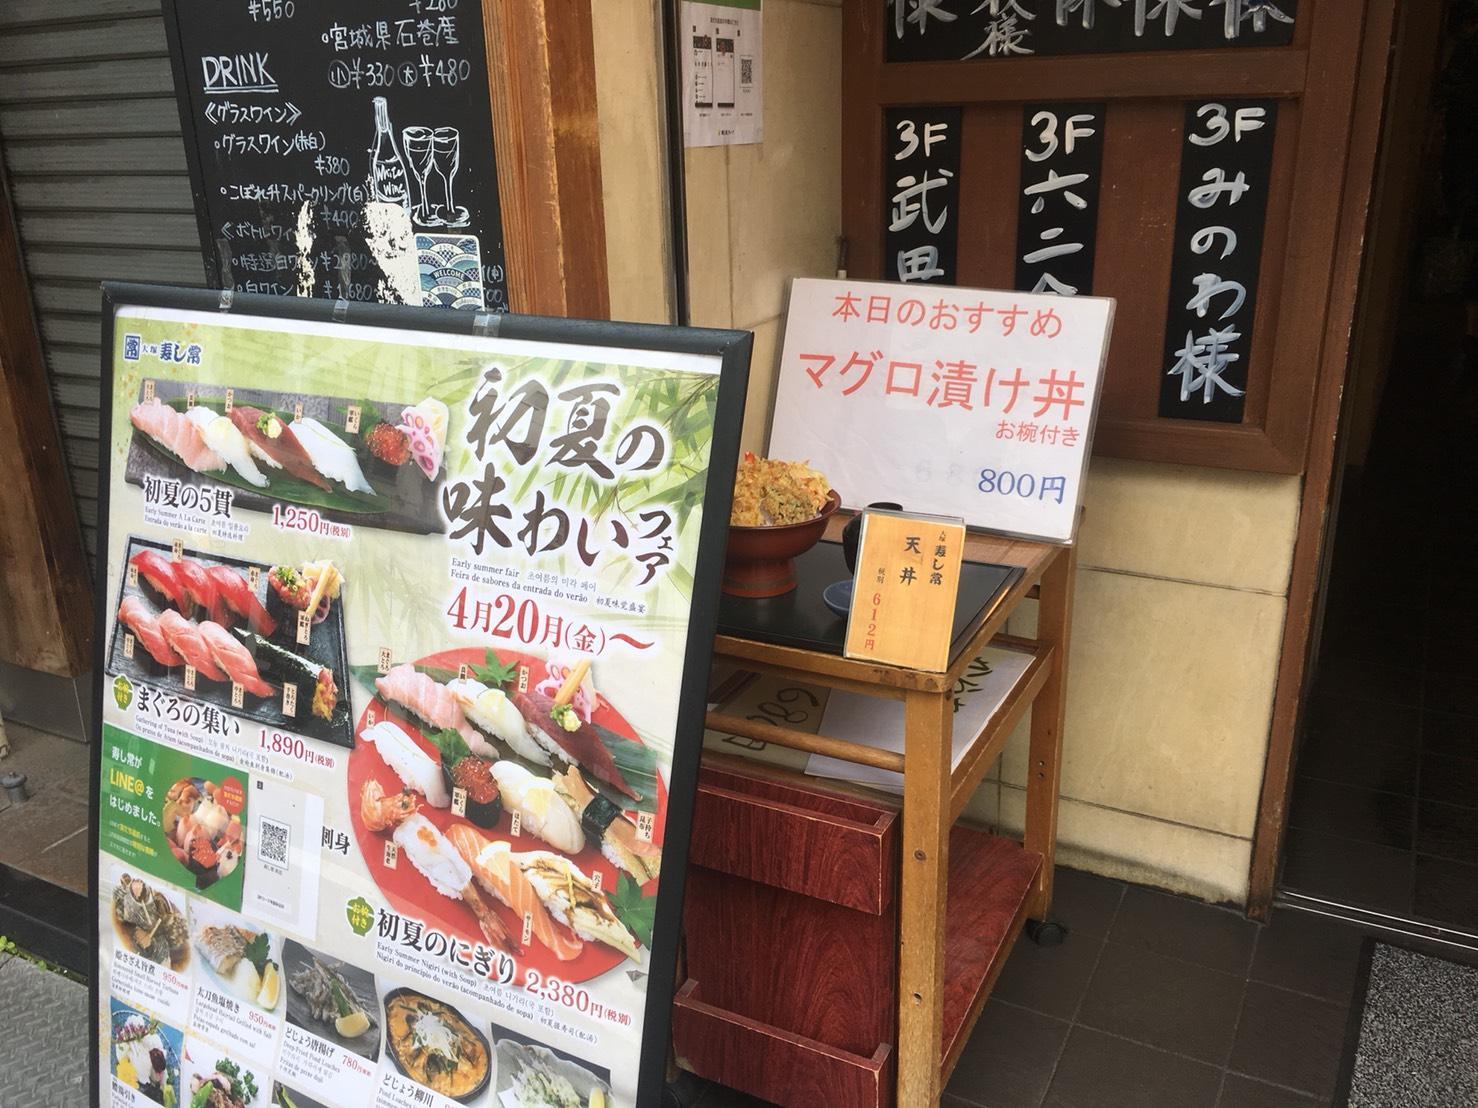 【大塚駅】激安天丼612円ランチに度肝を抜かれた「寿し常本店」ランチはマダムが集いがち。の外にある看板